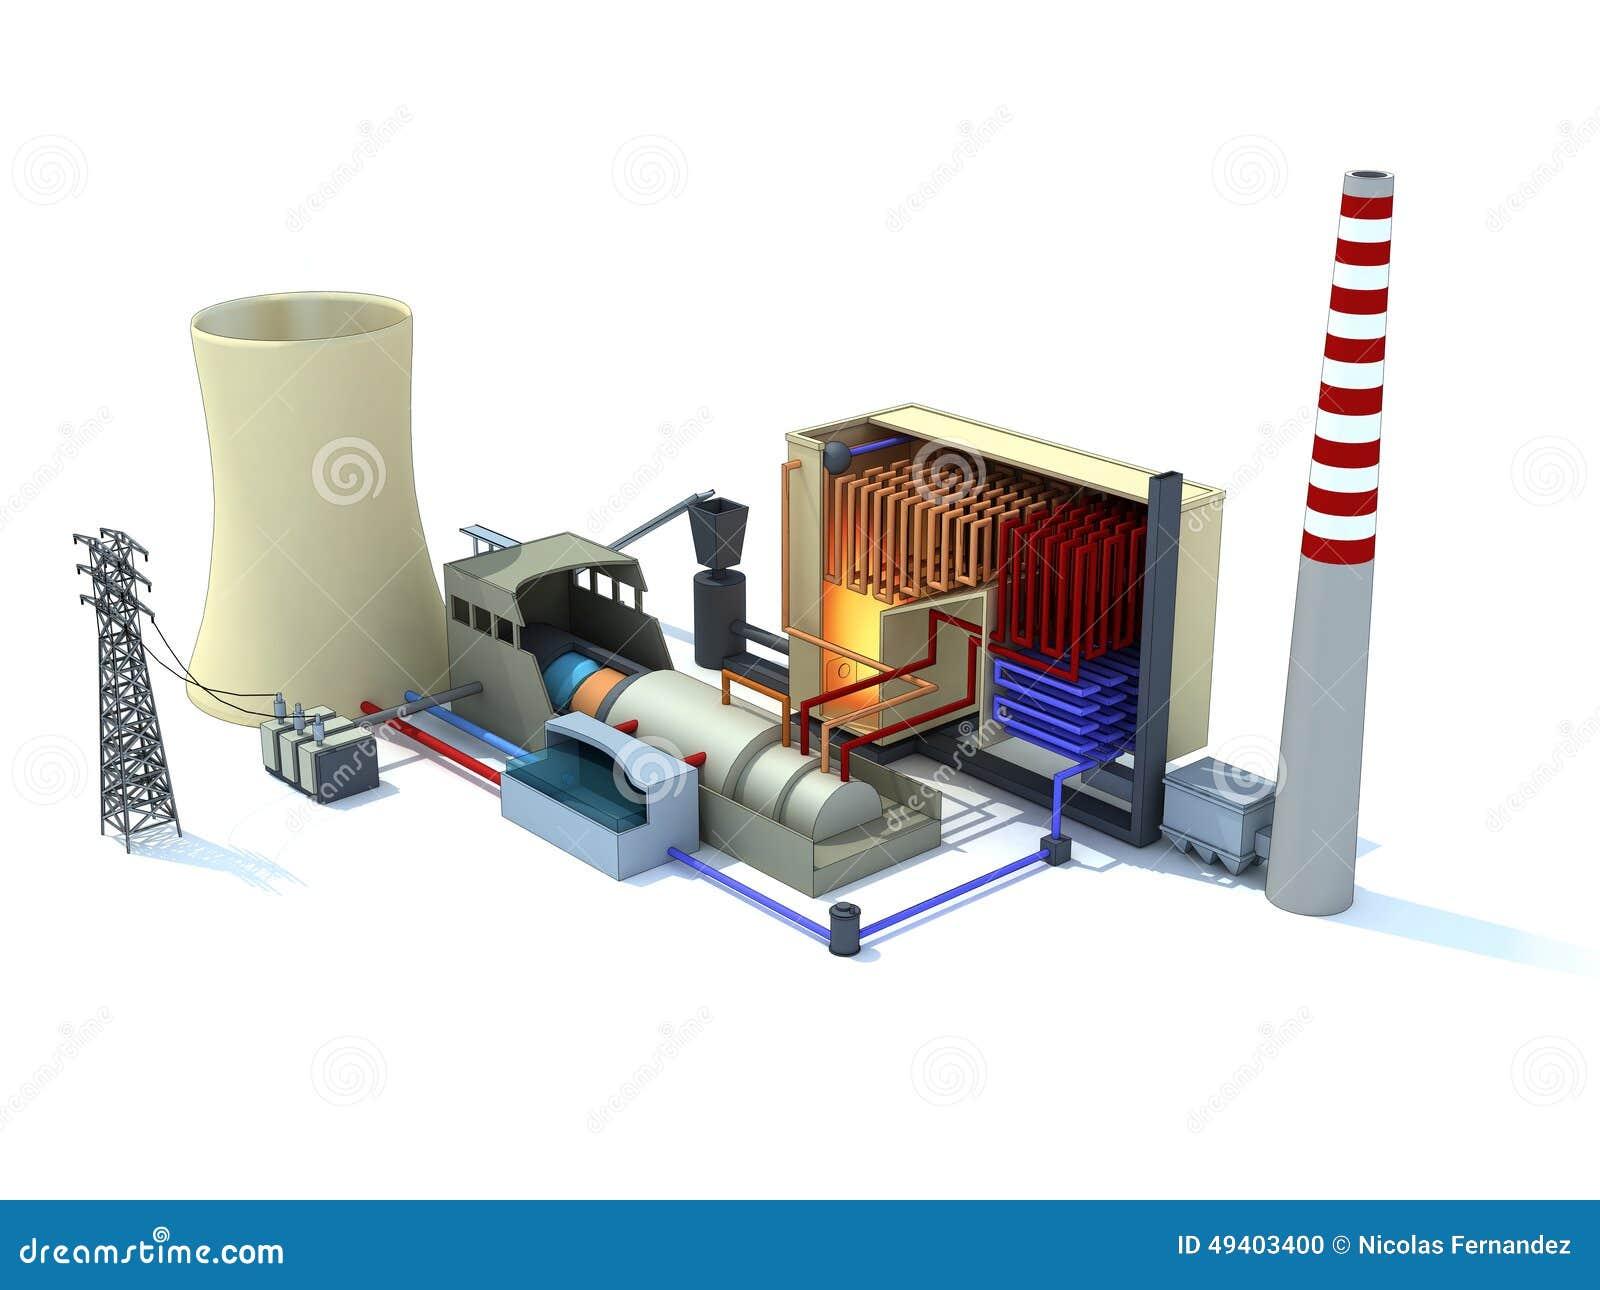 Download Wärmekraftwerk Mit Tinte Geschwärzt Stock Abbildung - Illustration von schmieröl, niedrig: 49403400